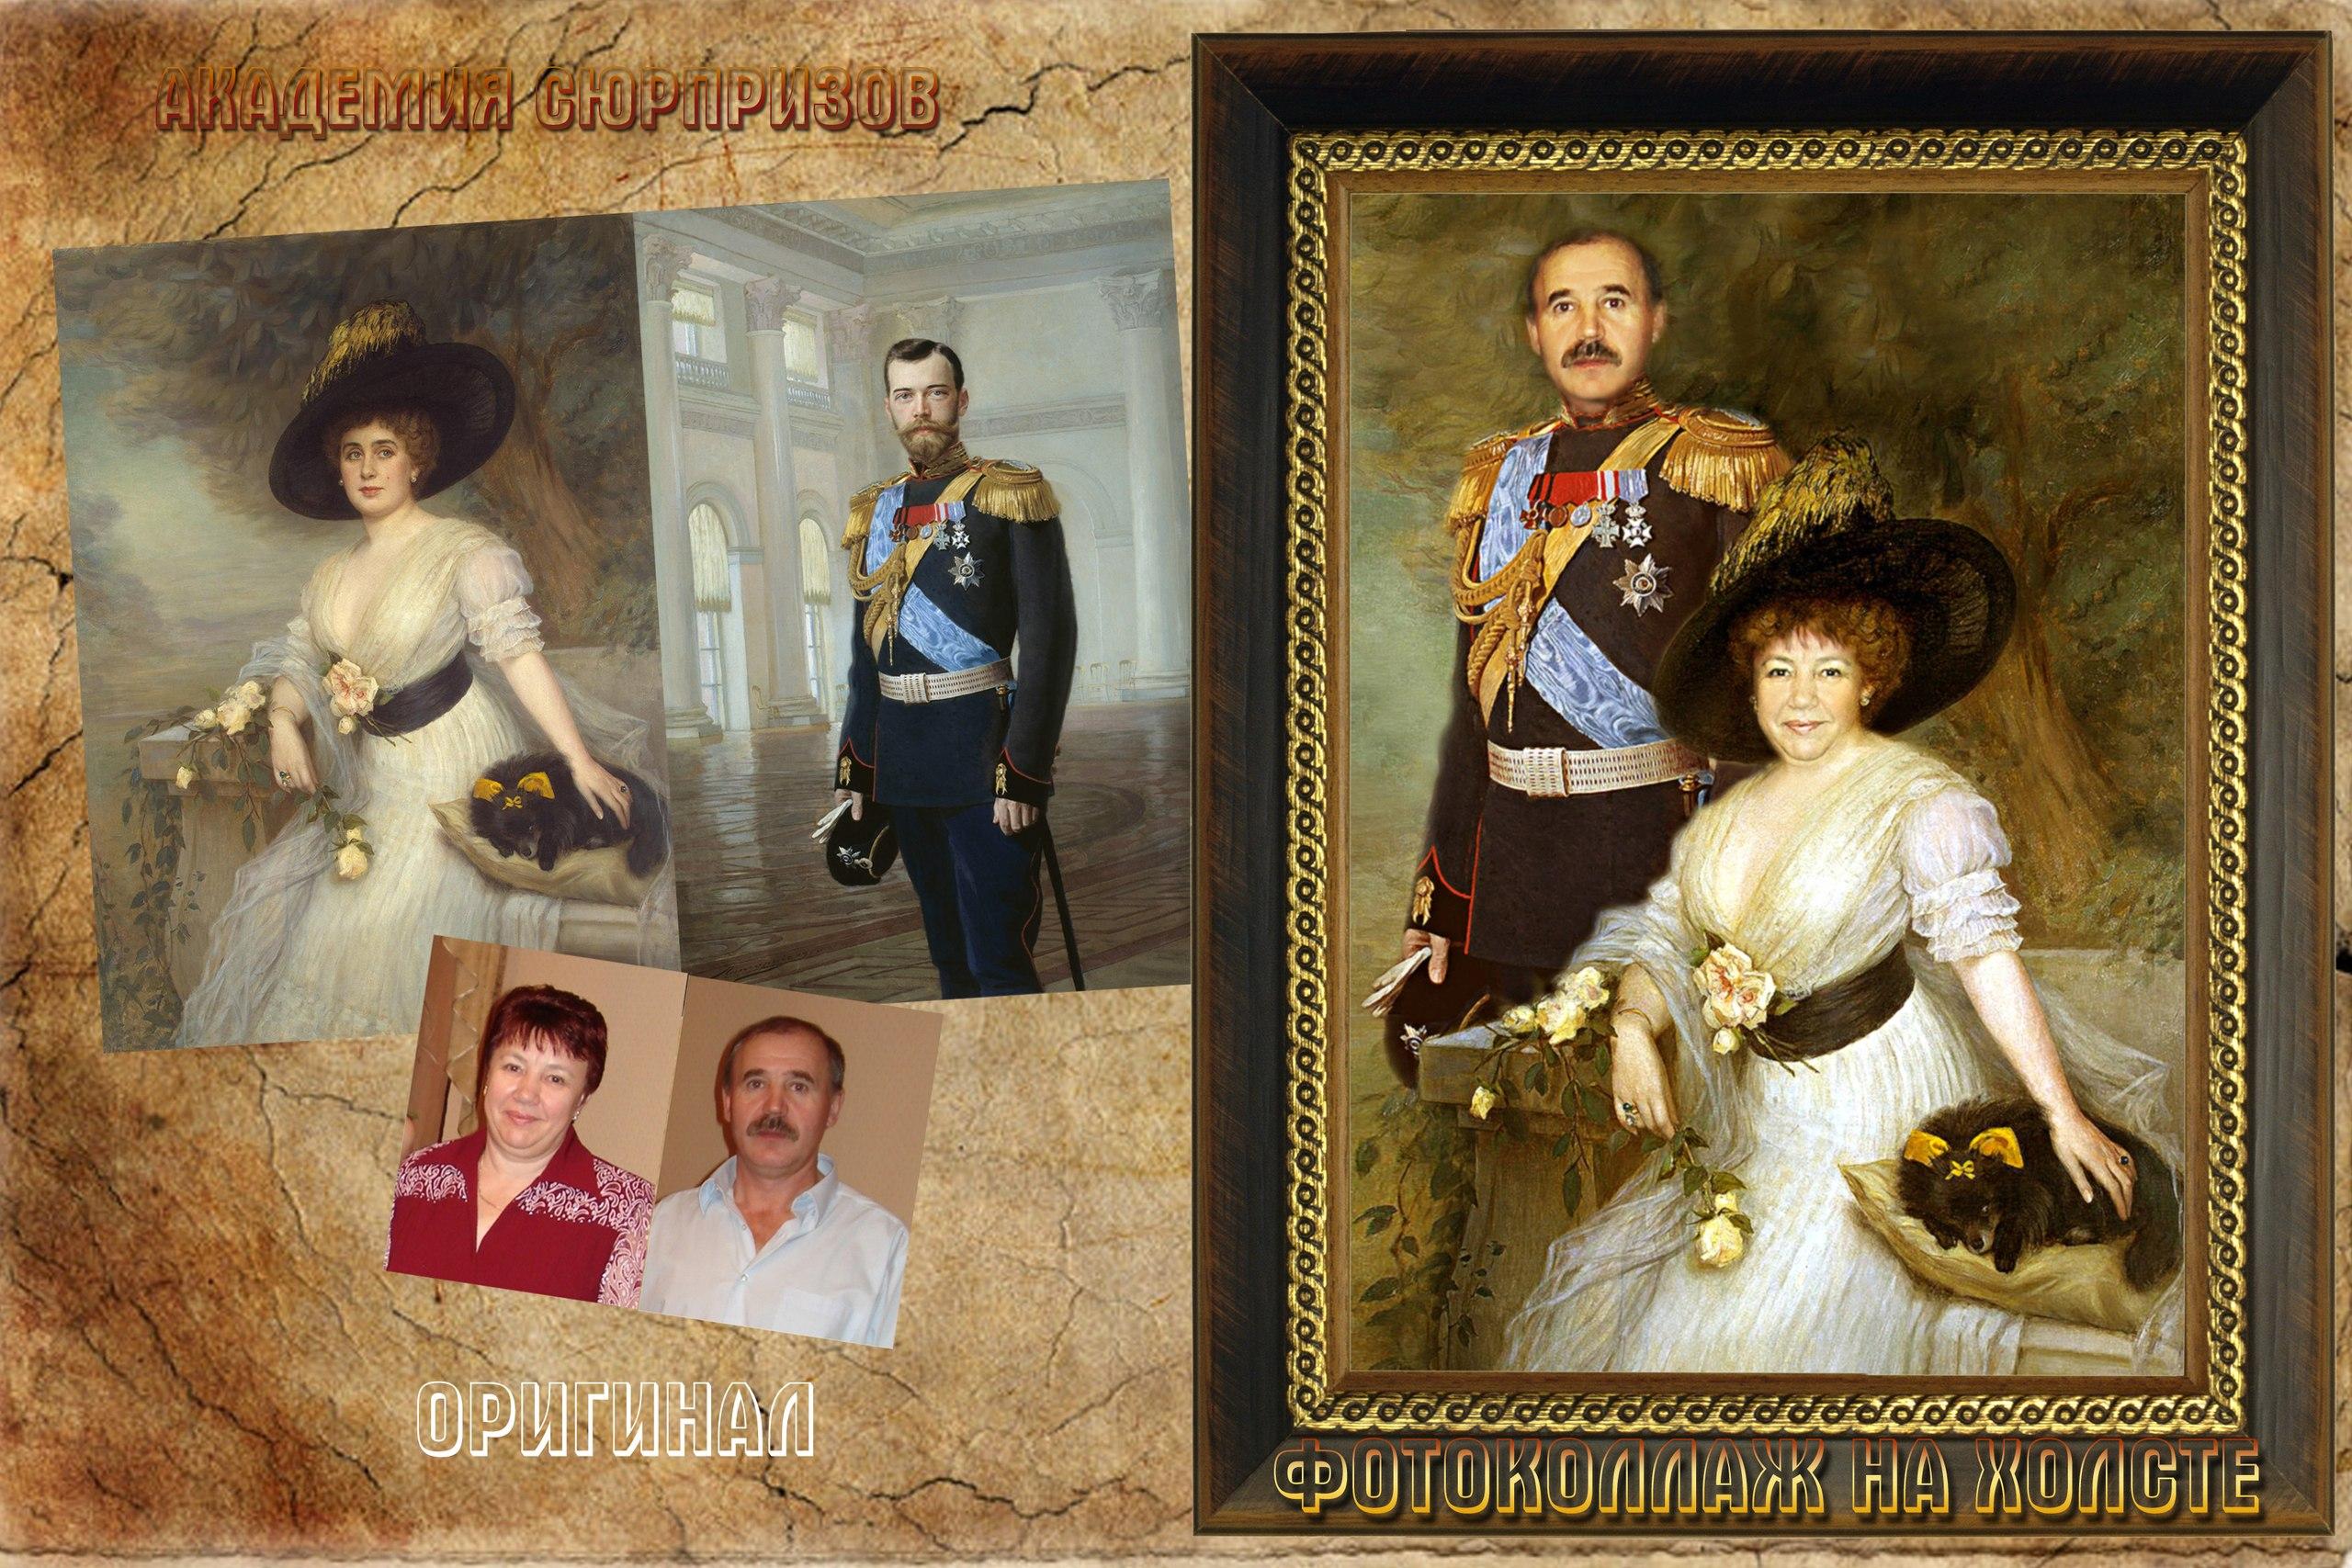 портрет по фотографии на холсте фотоколлаж уверены, что платье